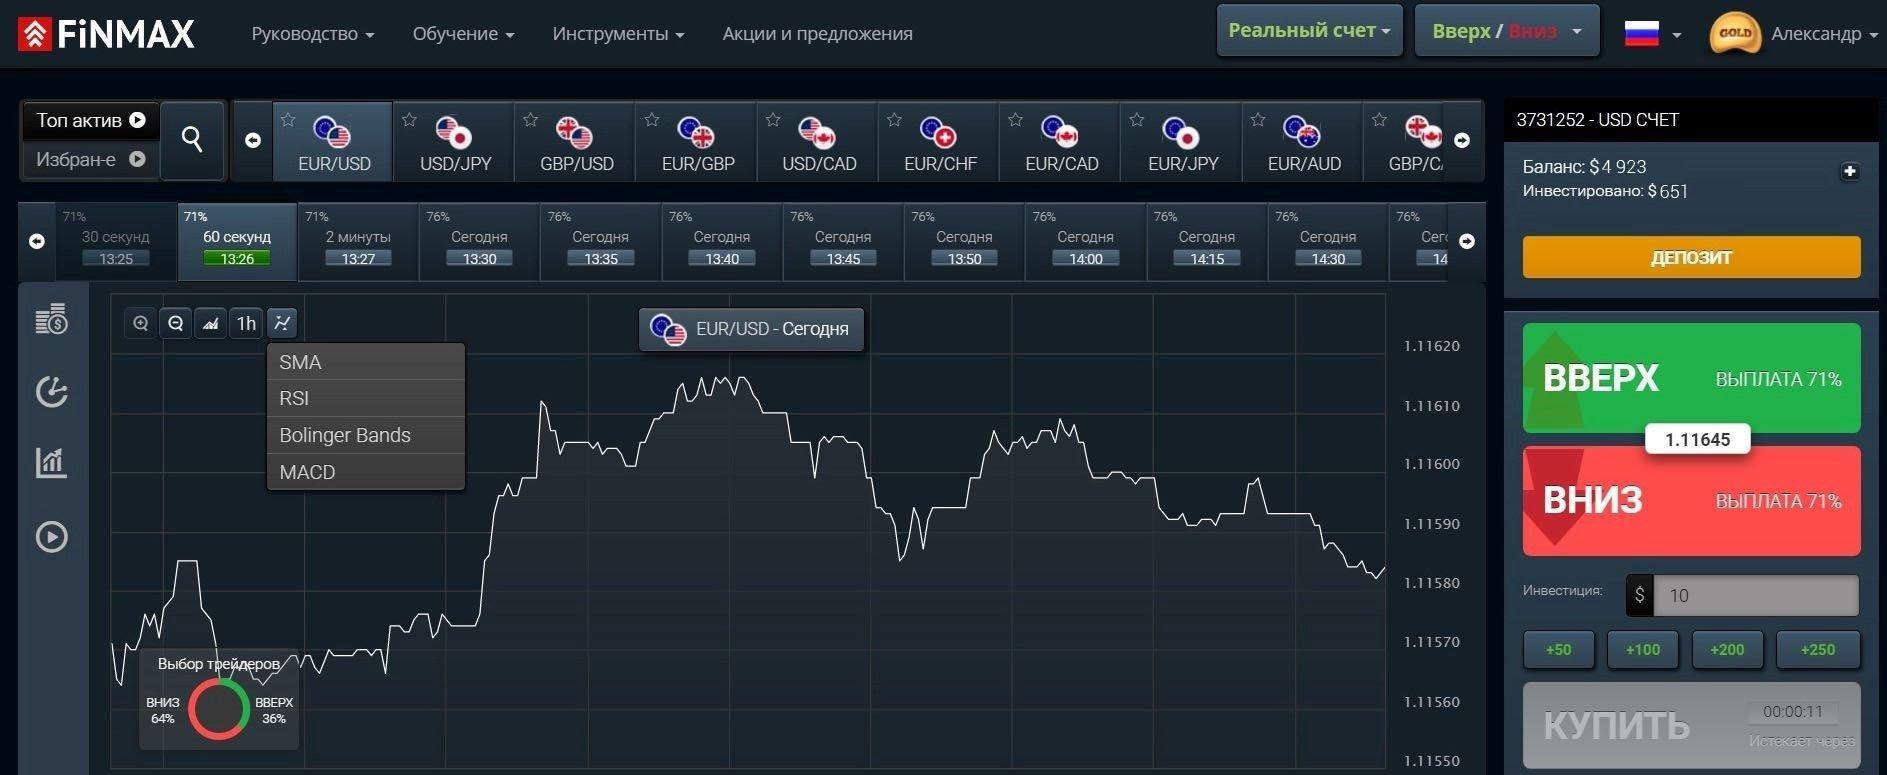 """Стратегия бинарных опционов """"Тепловая карта""""у брокера FiNMAX"""